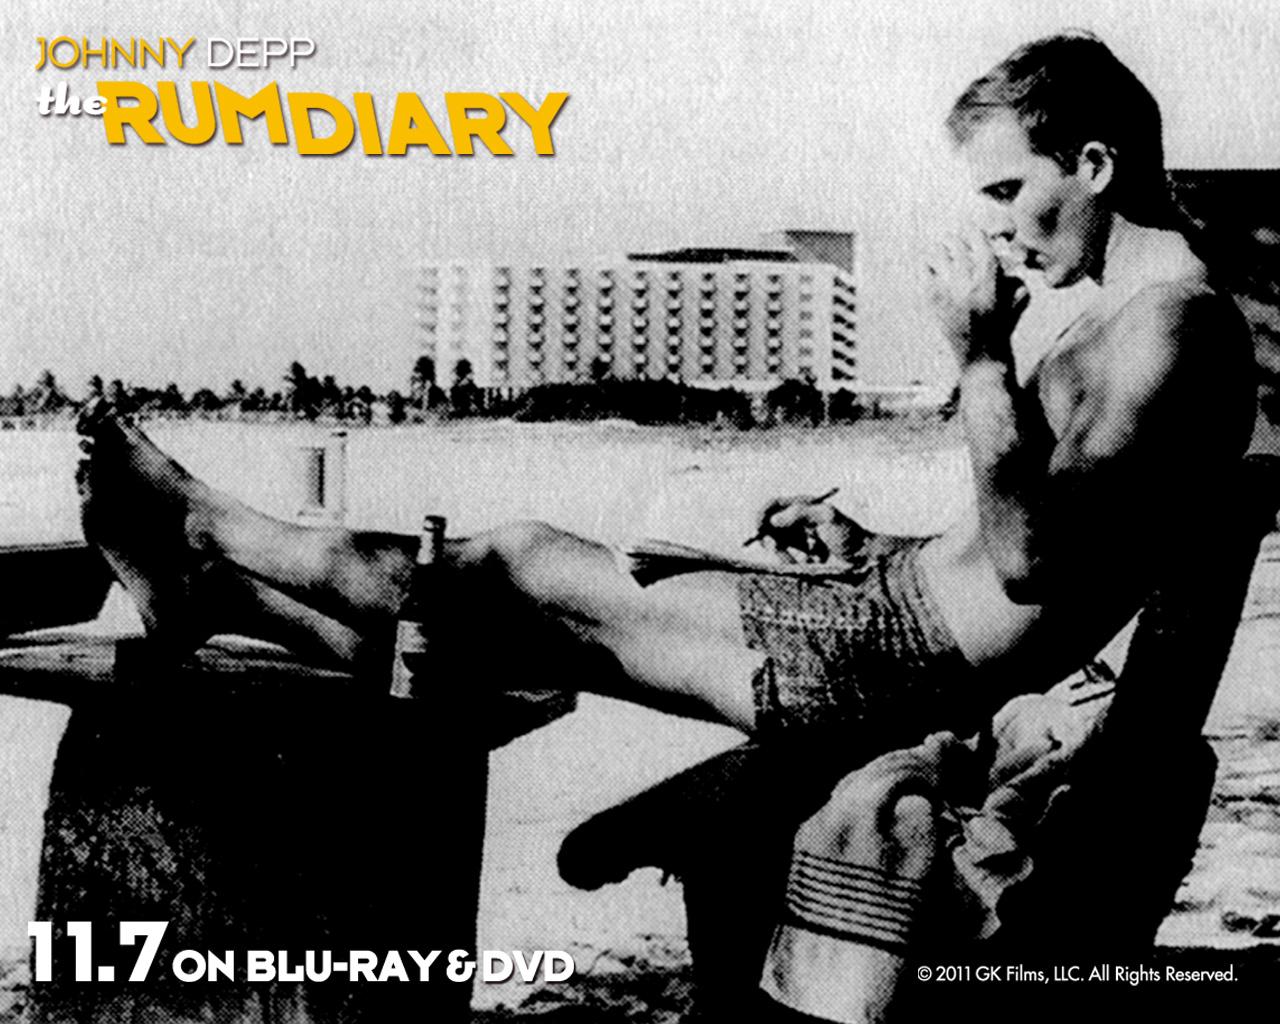 ジョニー・デップ演じるハンター・S・トンプソン『ラム・ダイアリー』BD&DVD発売 - TOWER RECORDS ONLINE